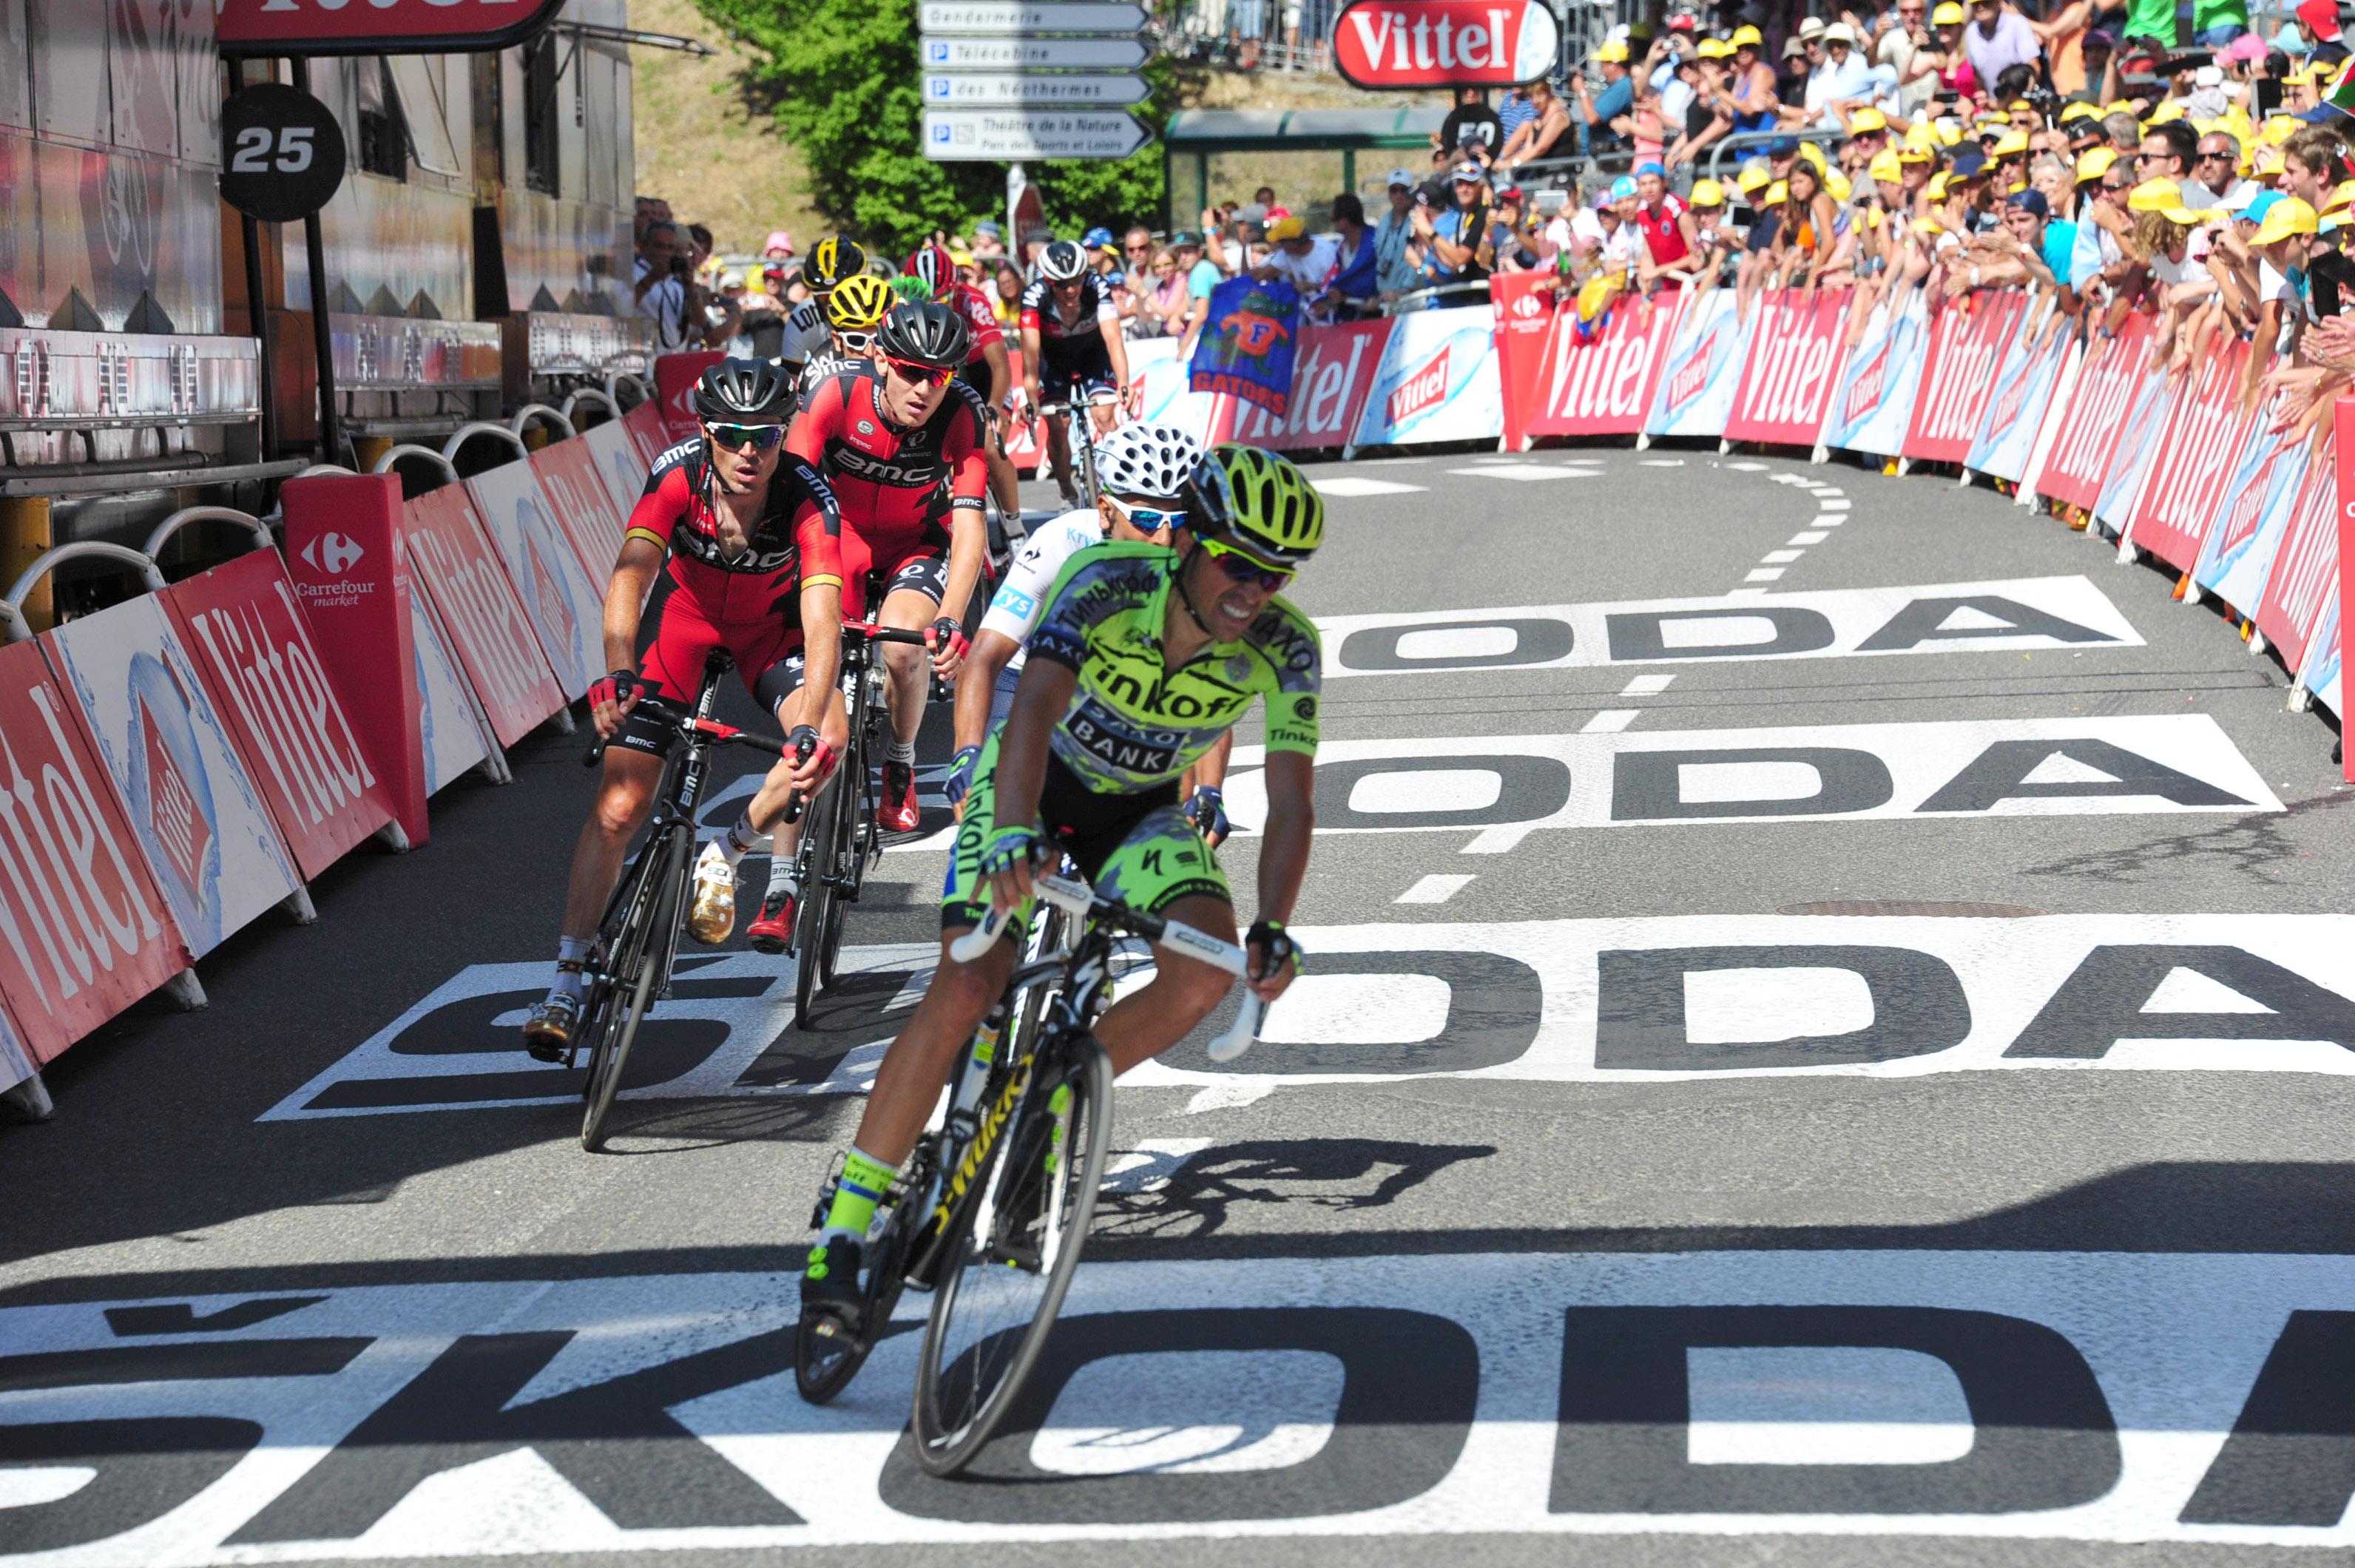 Tour de France 2015 - 11. Etappe - Pyrenäen - Alberto Contador